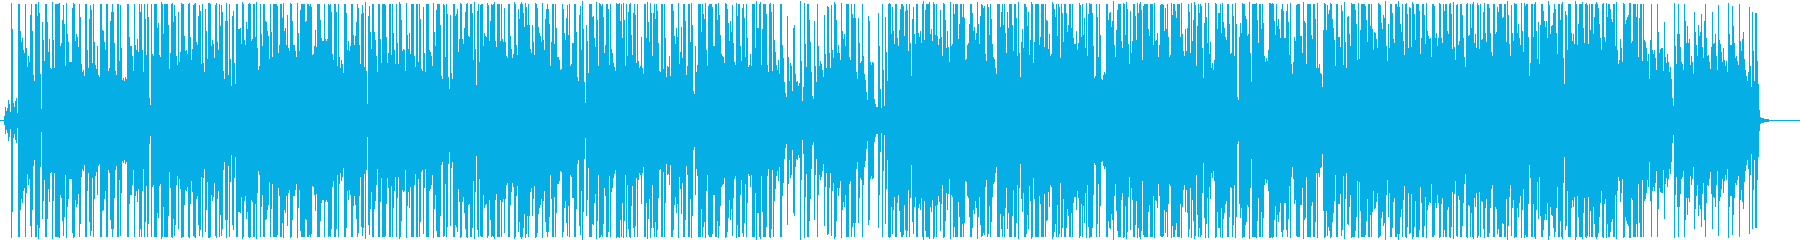 空気感のあるチルホップの再生済みの波形